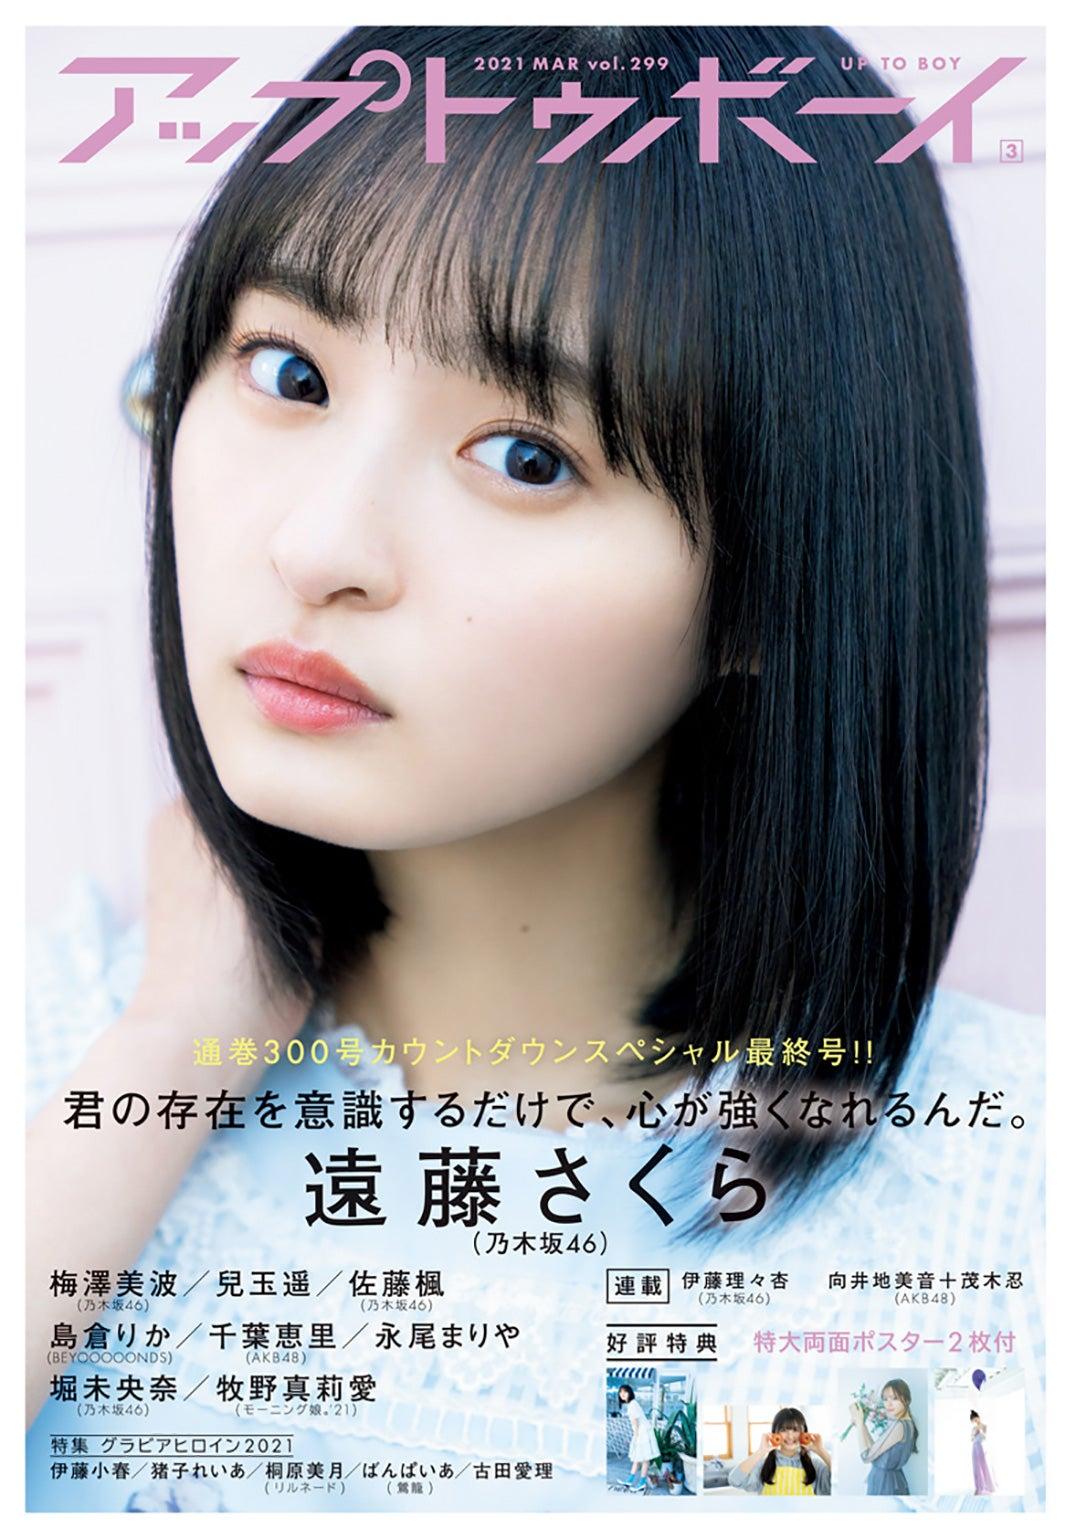 アップトゥボーイ Vol.299 遠藤さくら2